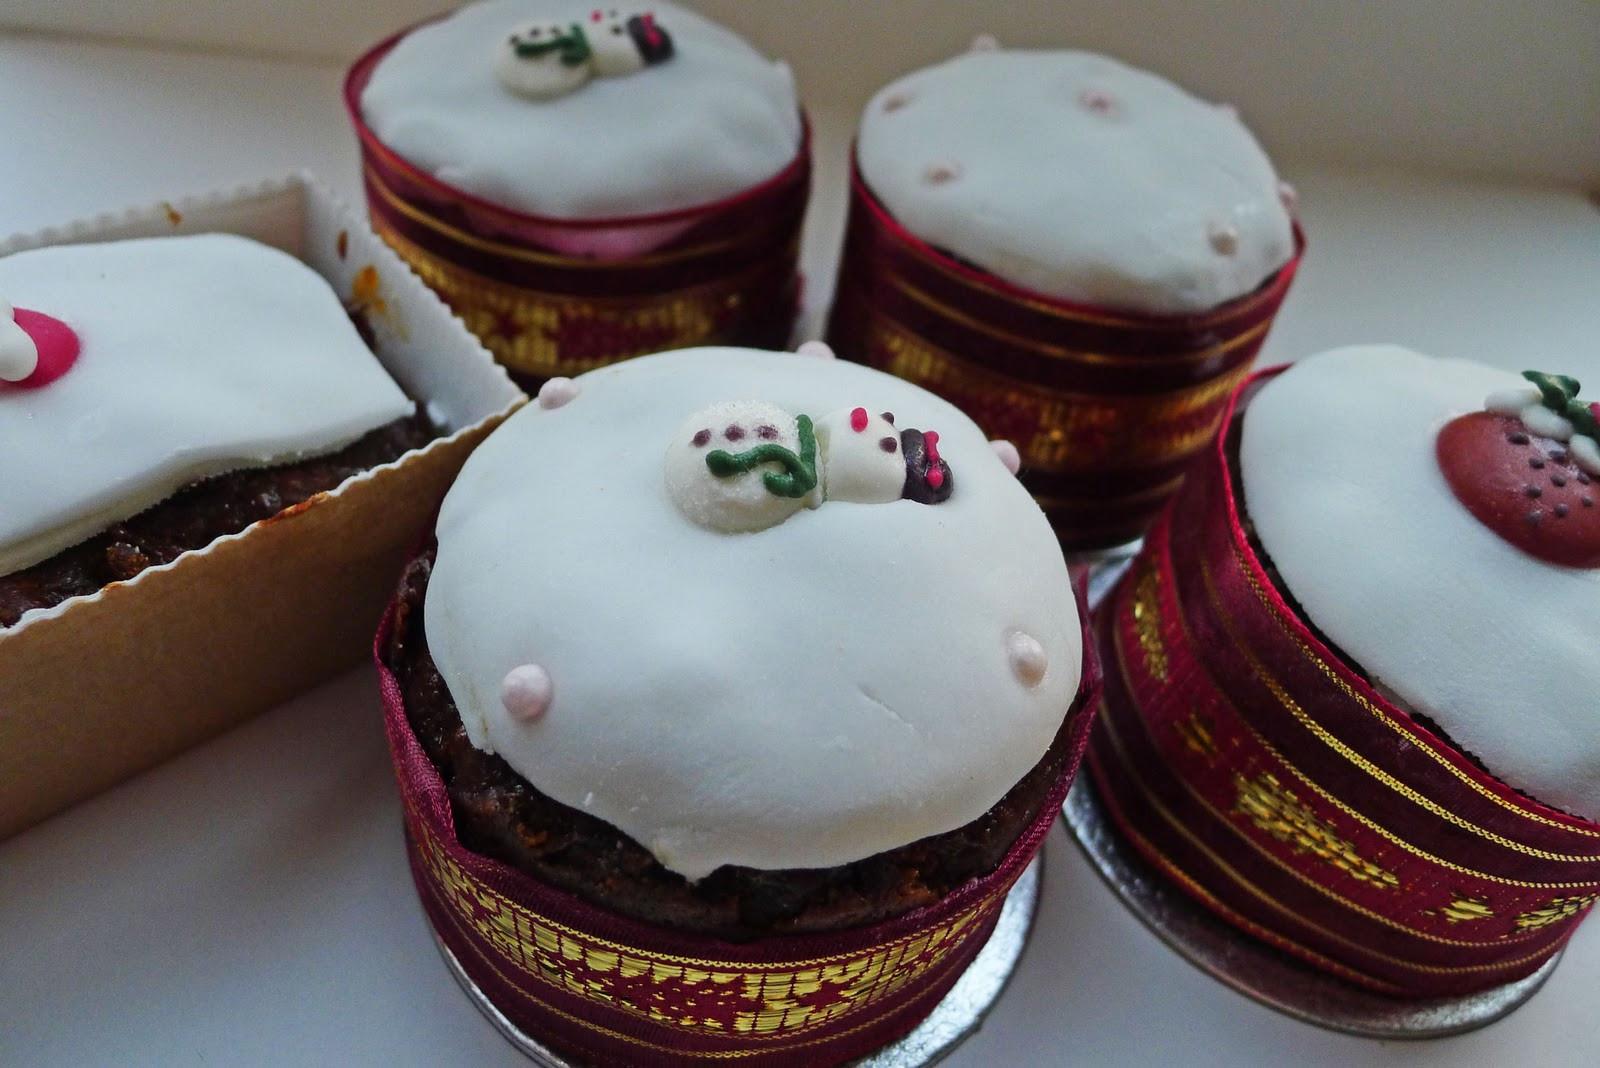 Mini Christmas Cakes  More than a fruitcake Mini Christmas Fruit cakes